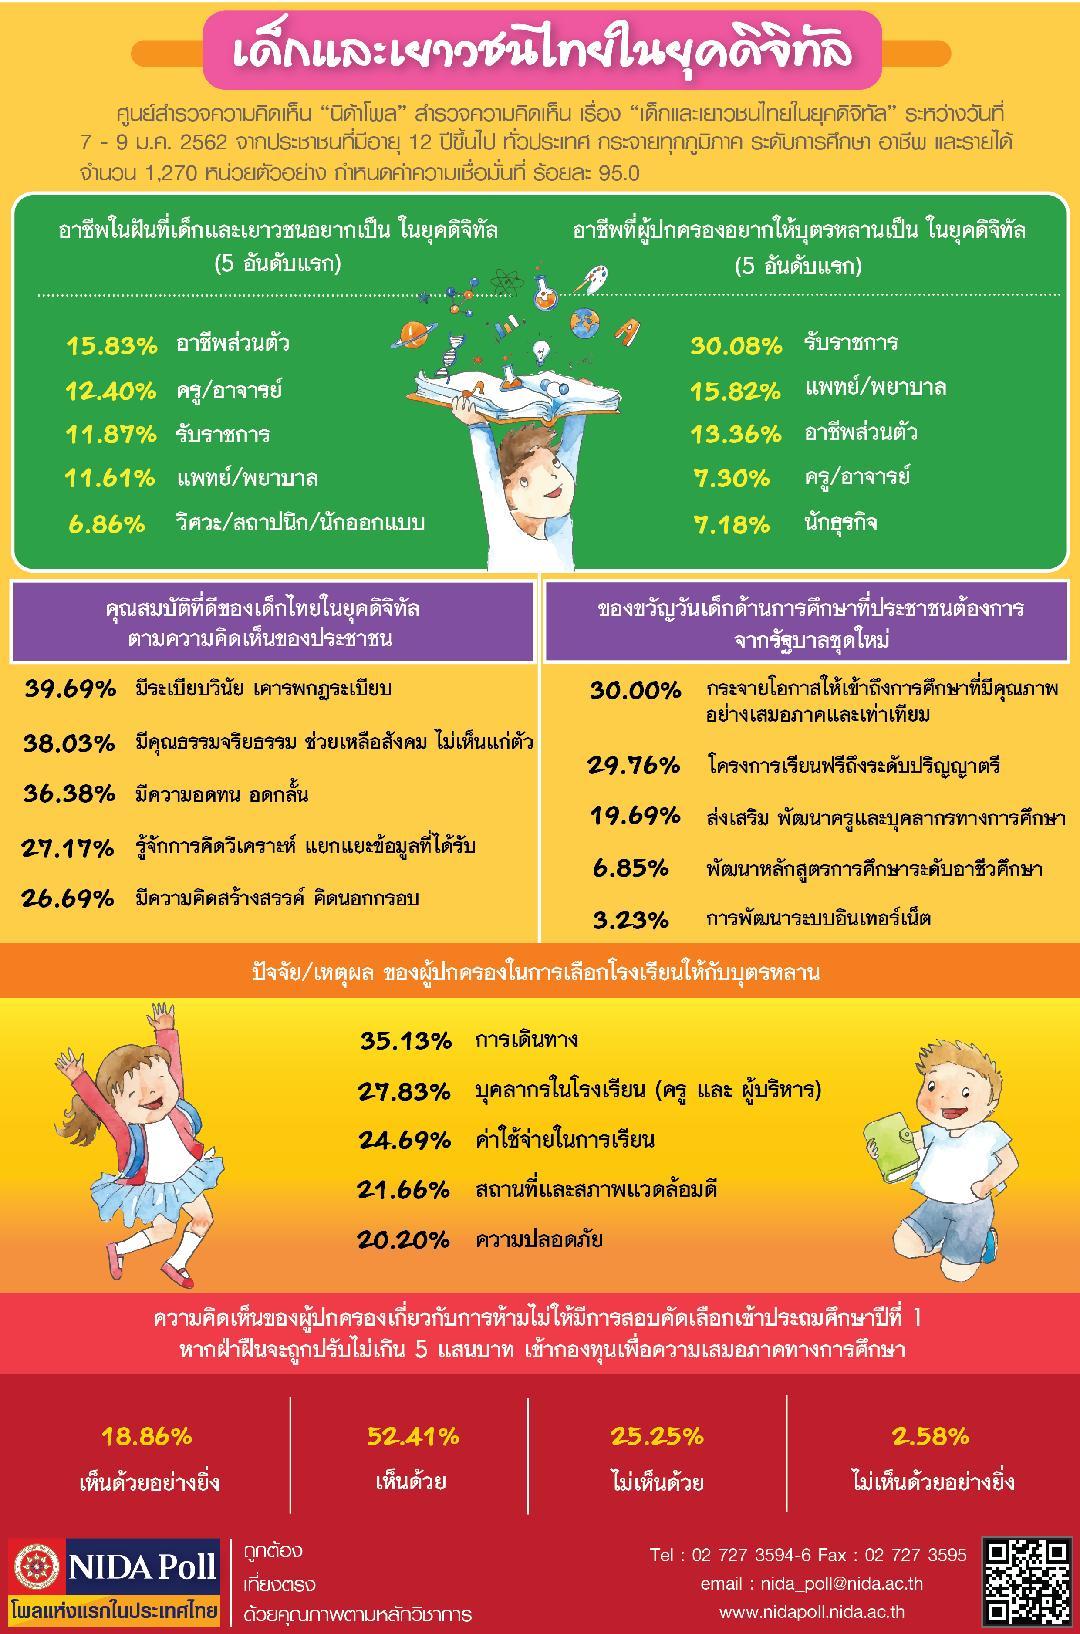 นิด้าโพล ชี้เด็กและเยาวชนไทยในยุคดิจิทัล อยากทำอาชีพส่วนตัวมากที่สุด